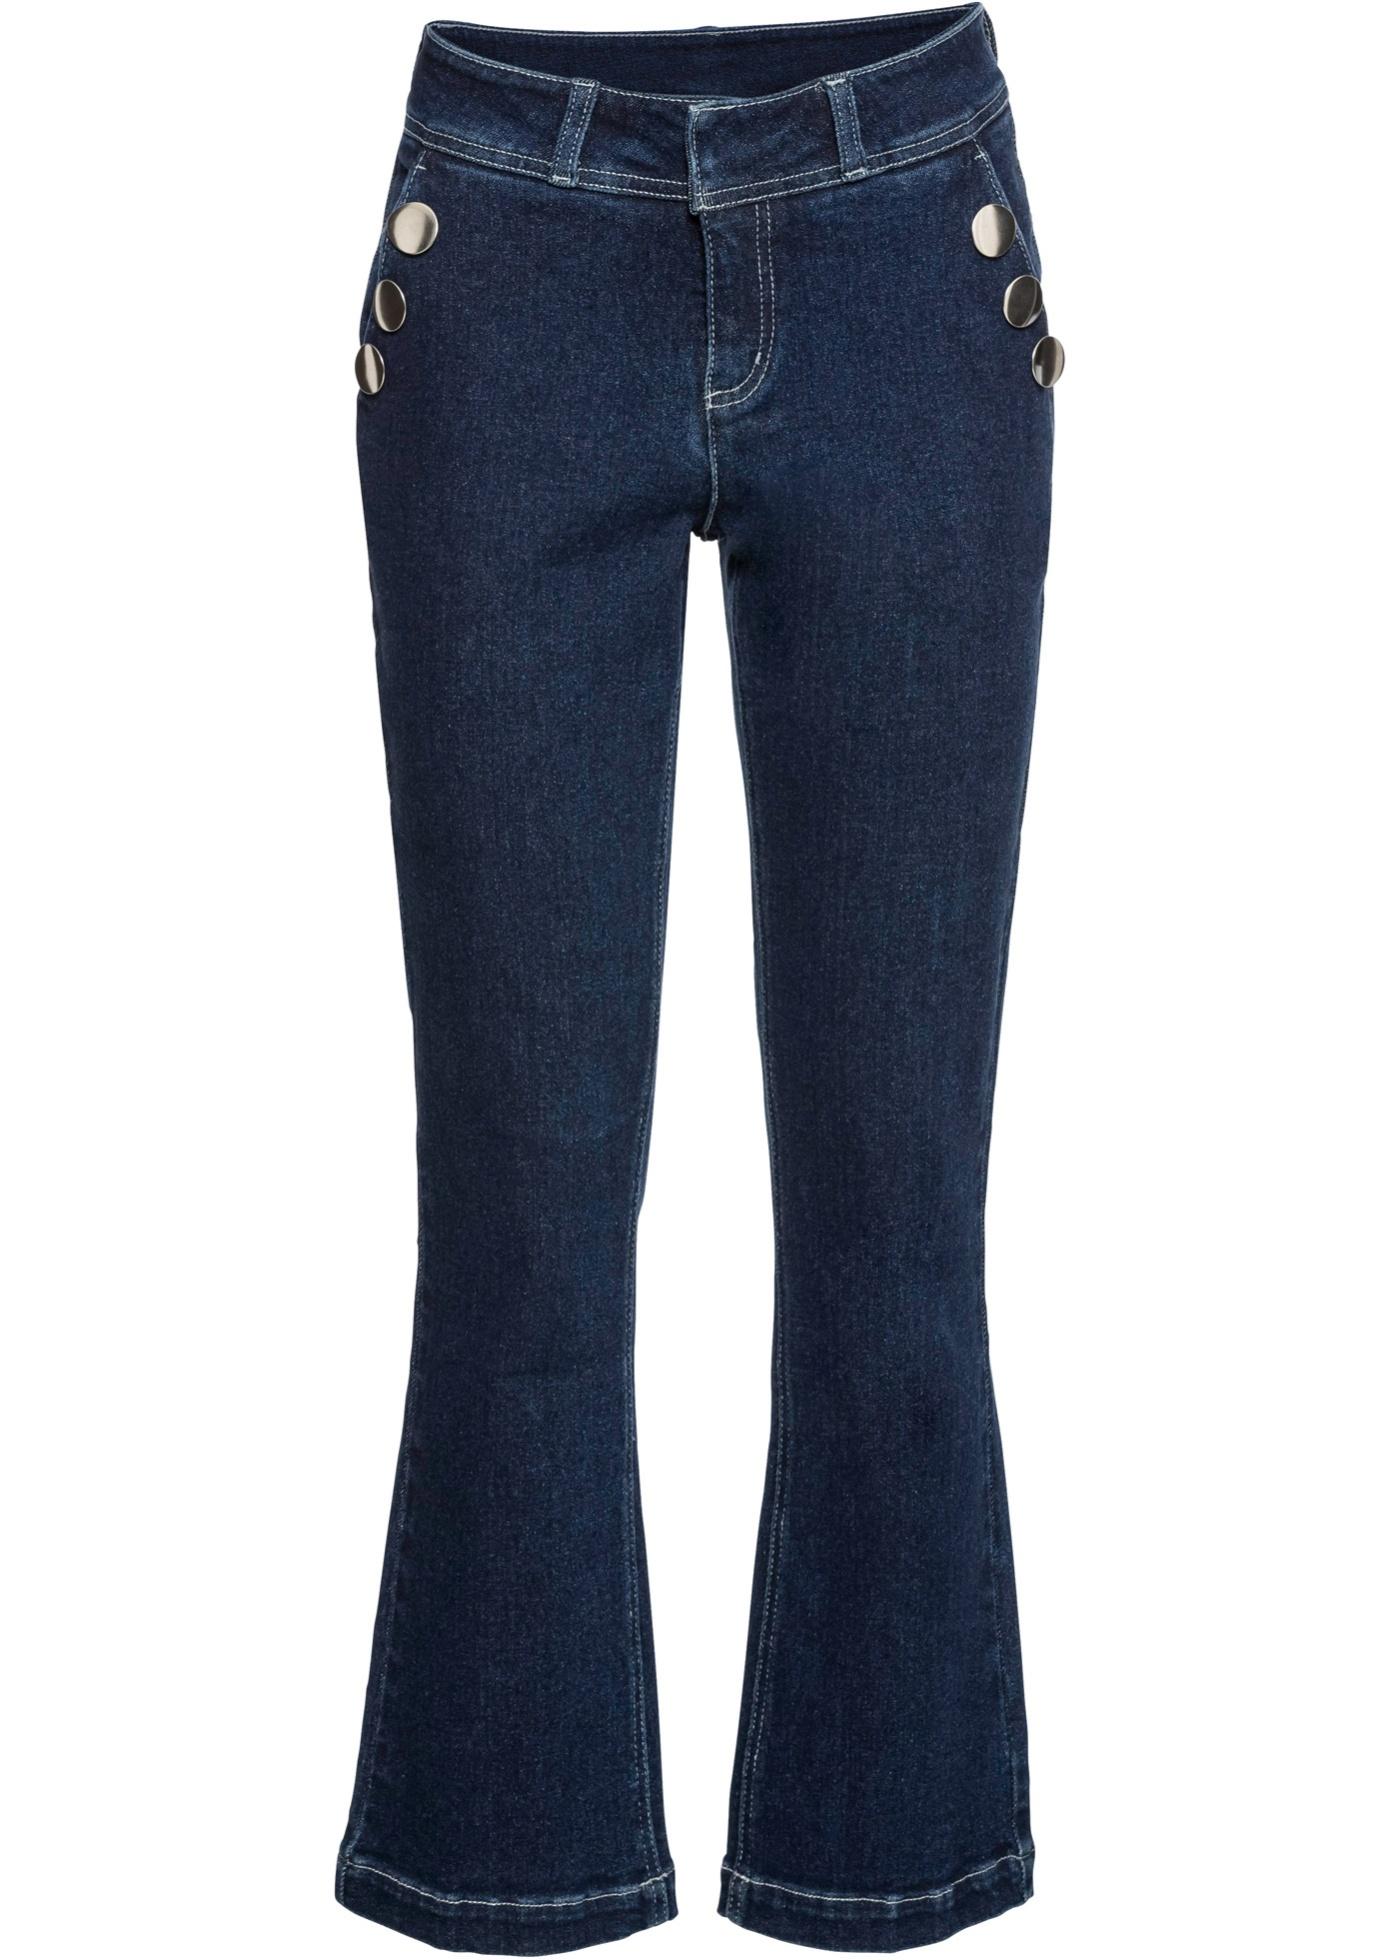 Bonprix - Jeans med dekorativa knappar 299.00